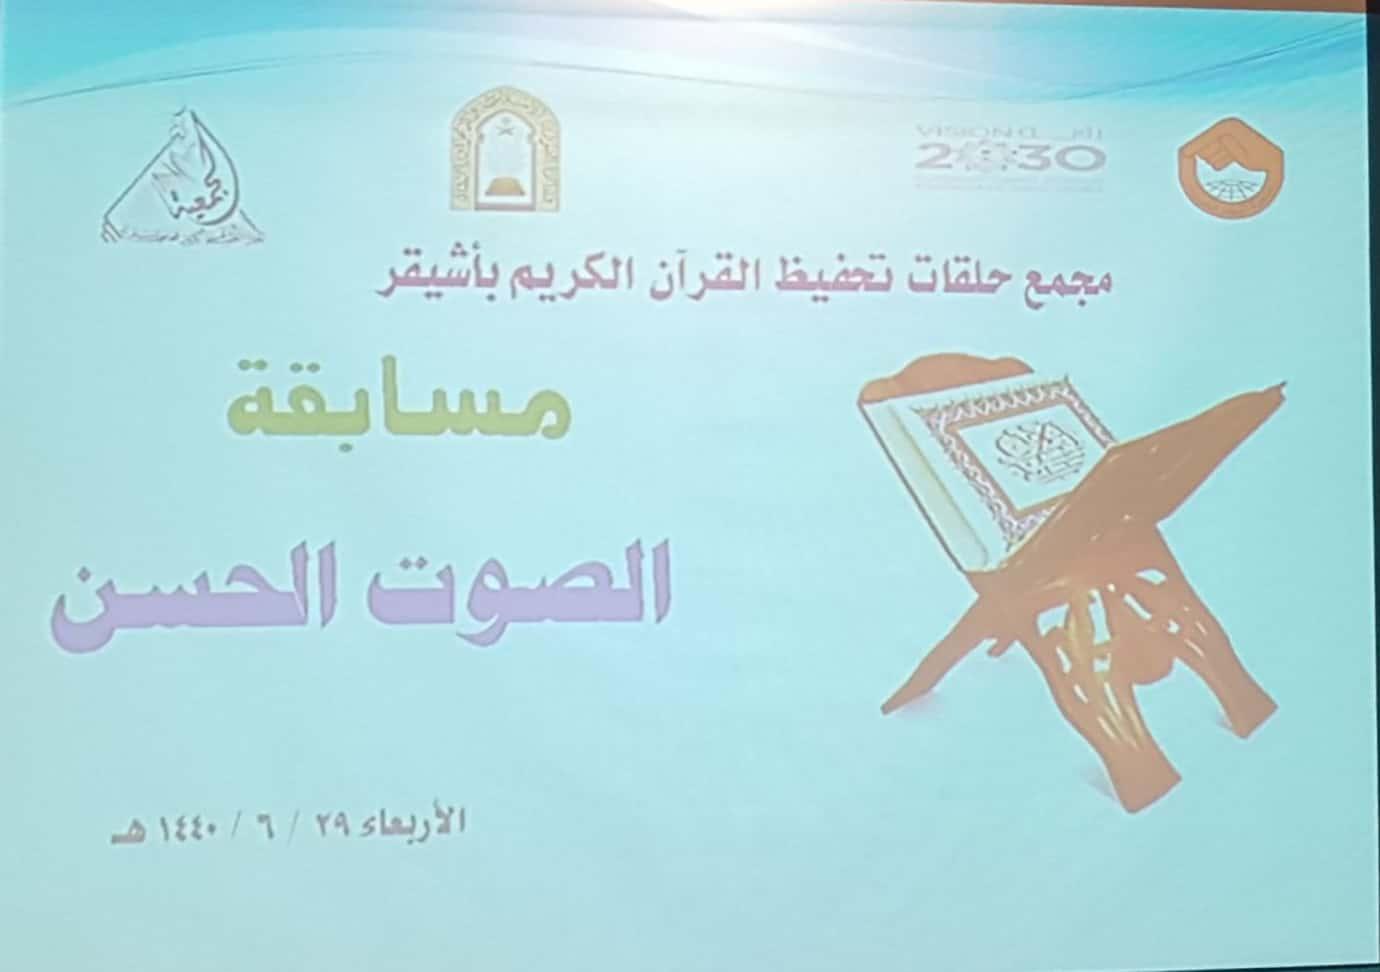 صورة مجمع تحفيظ القرآن الكريم بأشيقر يقيم مسابقة الصوت الحسن